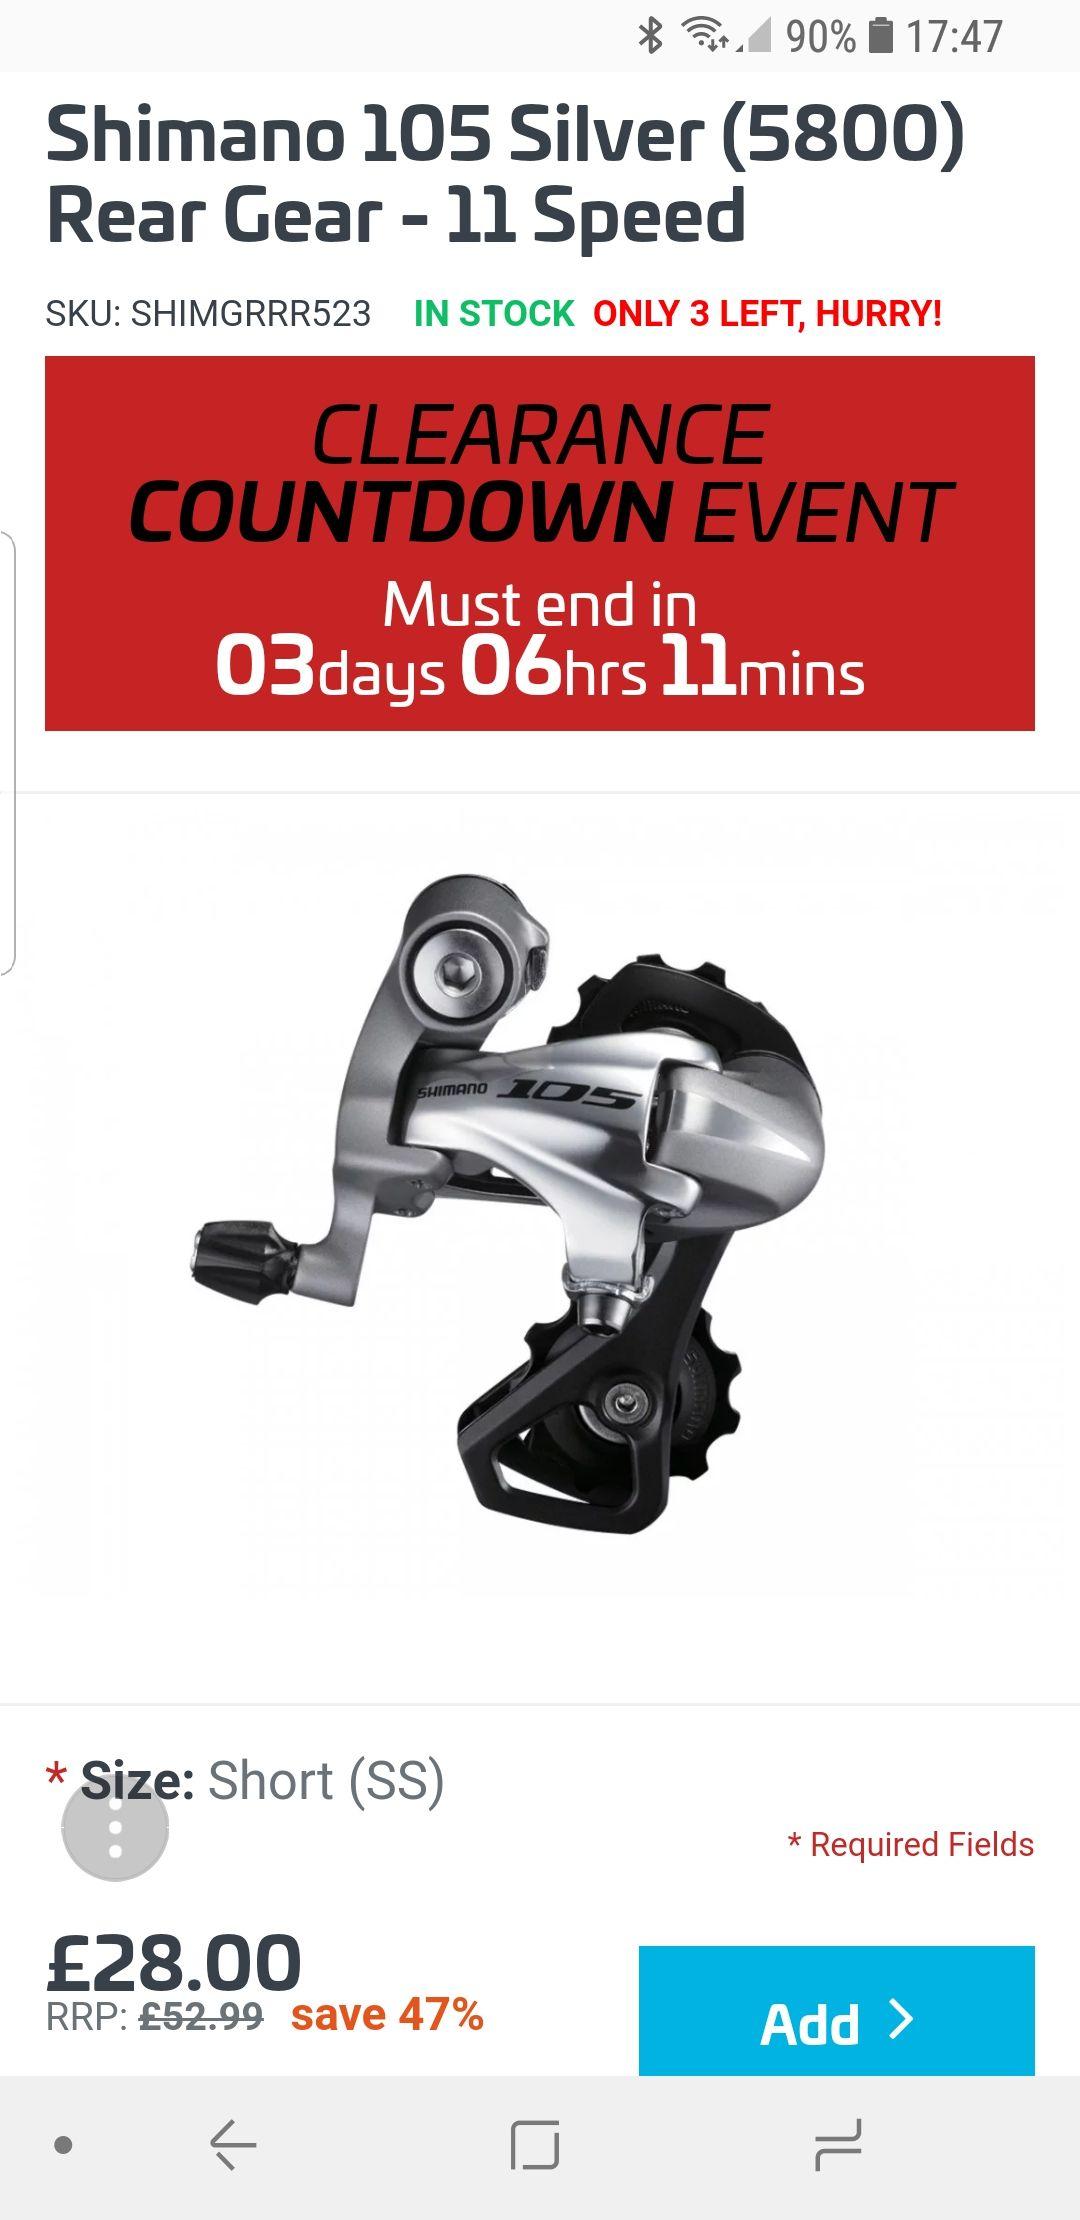 RRP £52.99 Shimano 105 Silver (5800) Rear Mech 11 speed. £28 @ Wiggle